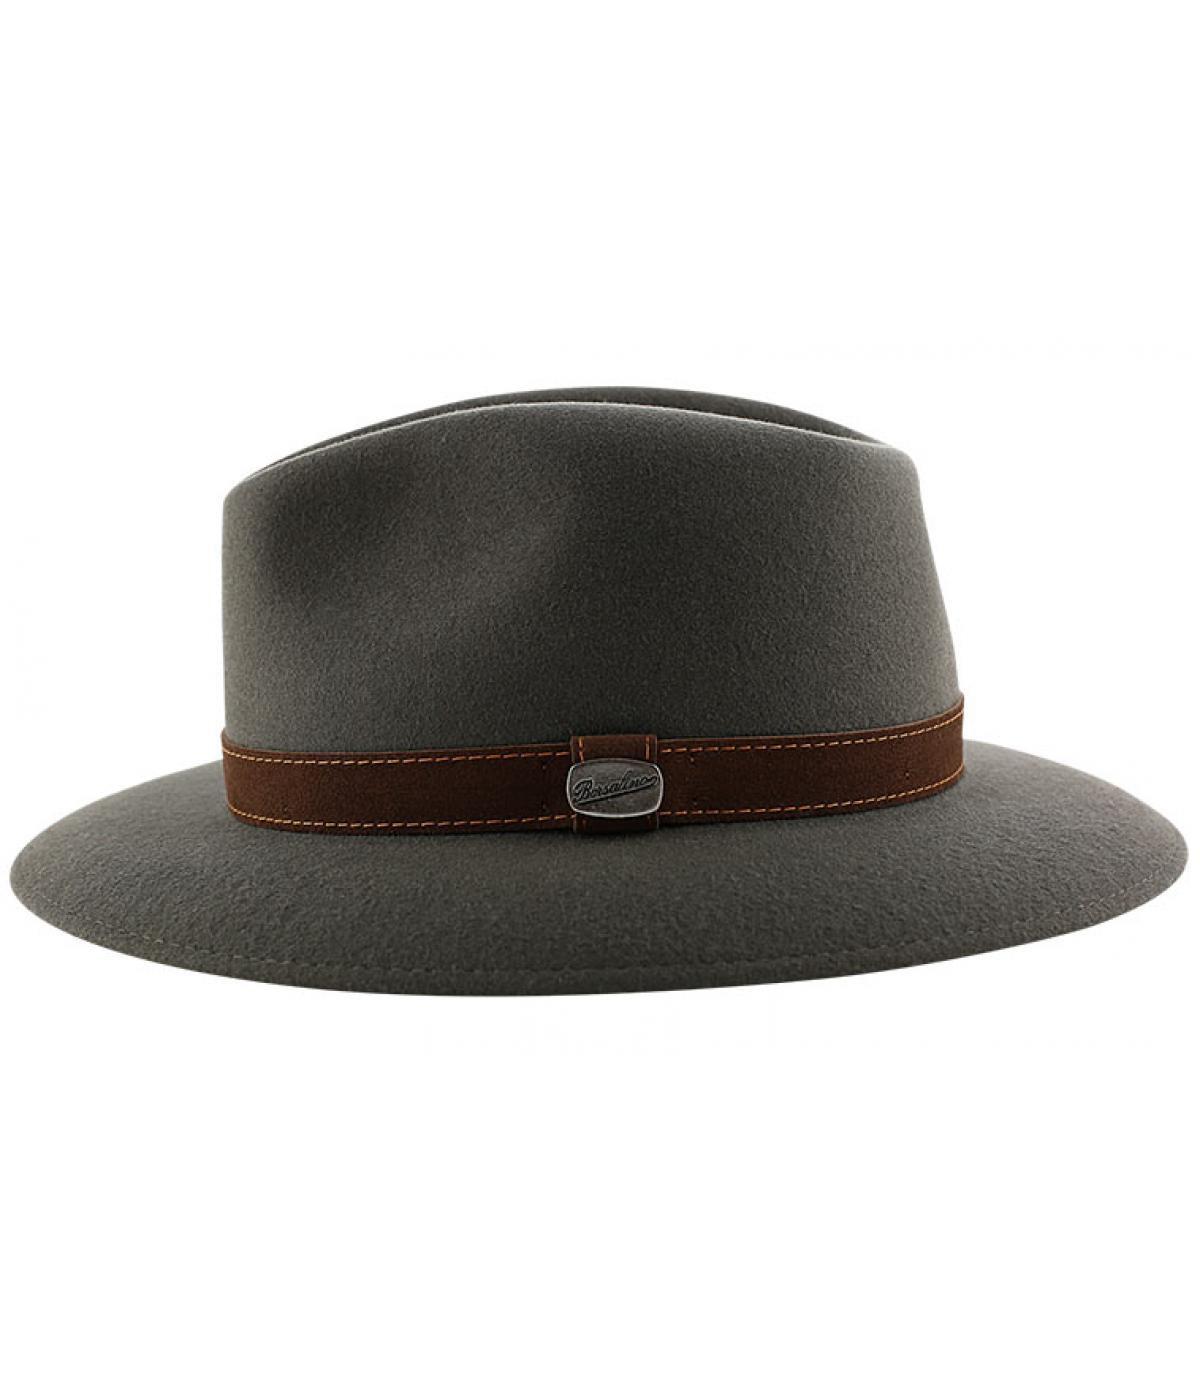 Détails Alessandria grey fur felt hat - image 4